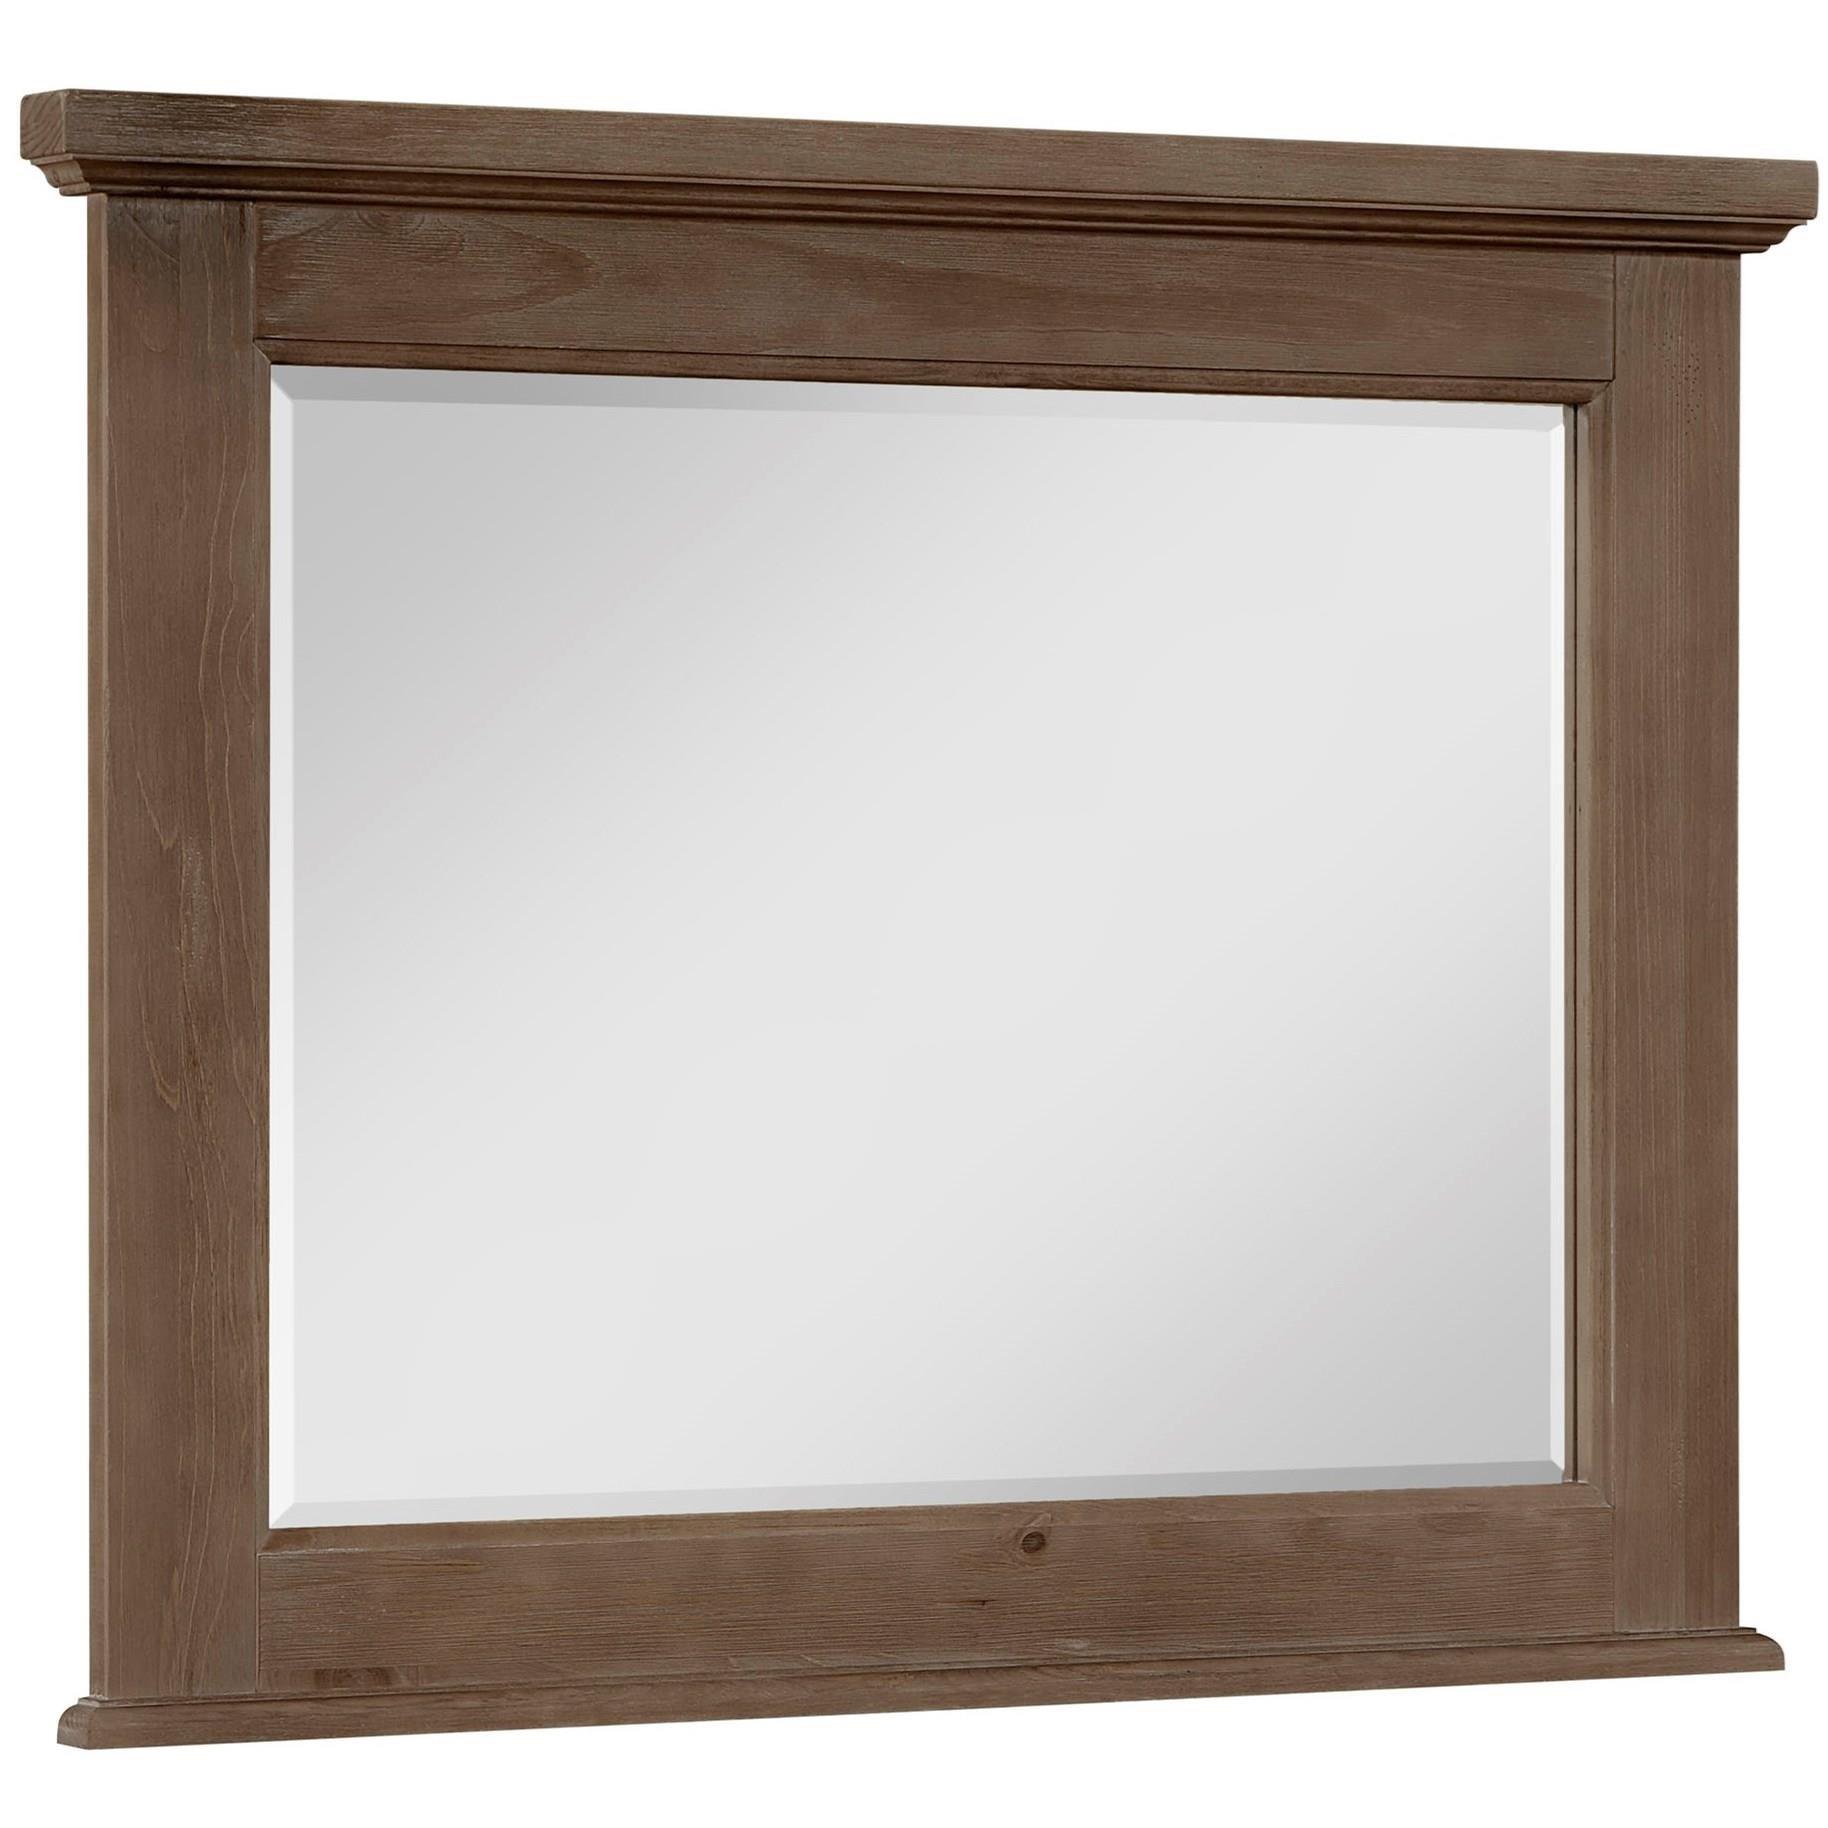 Sawmill Dresser Mirror by Vaughan Bassett at Northeast Factory Direct